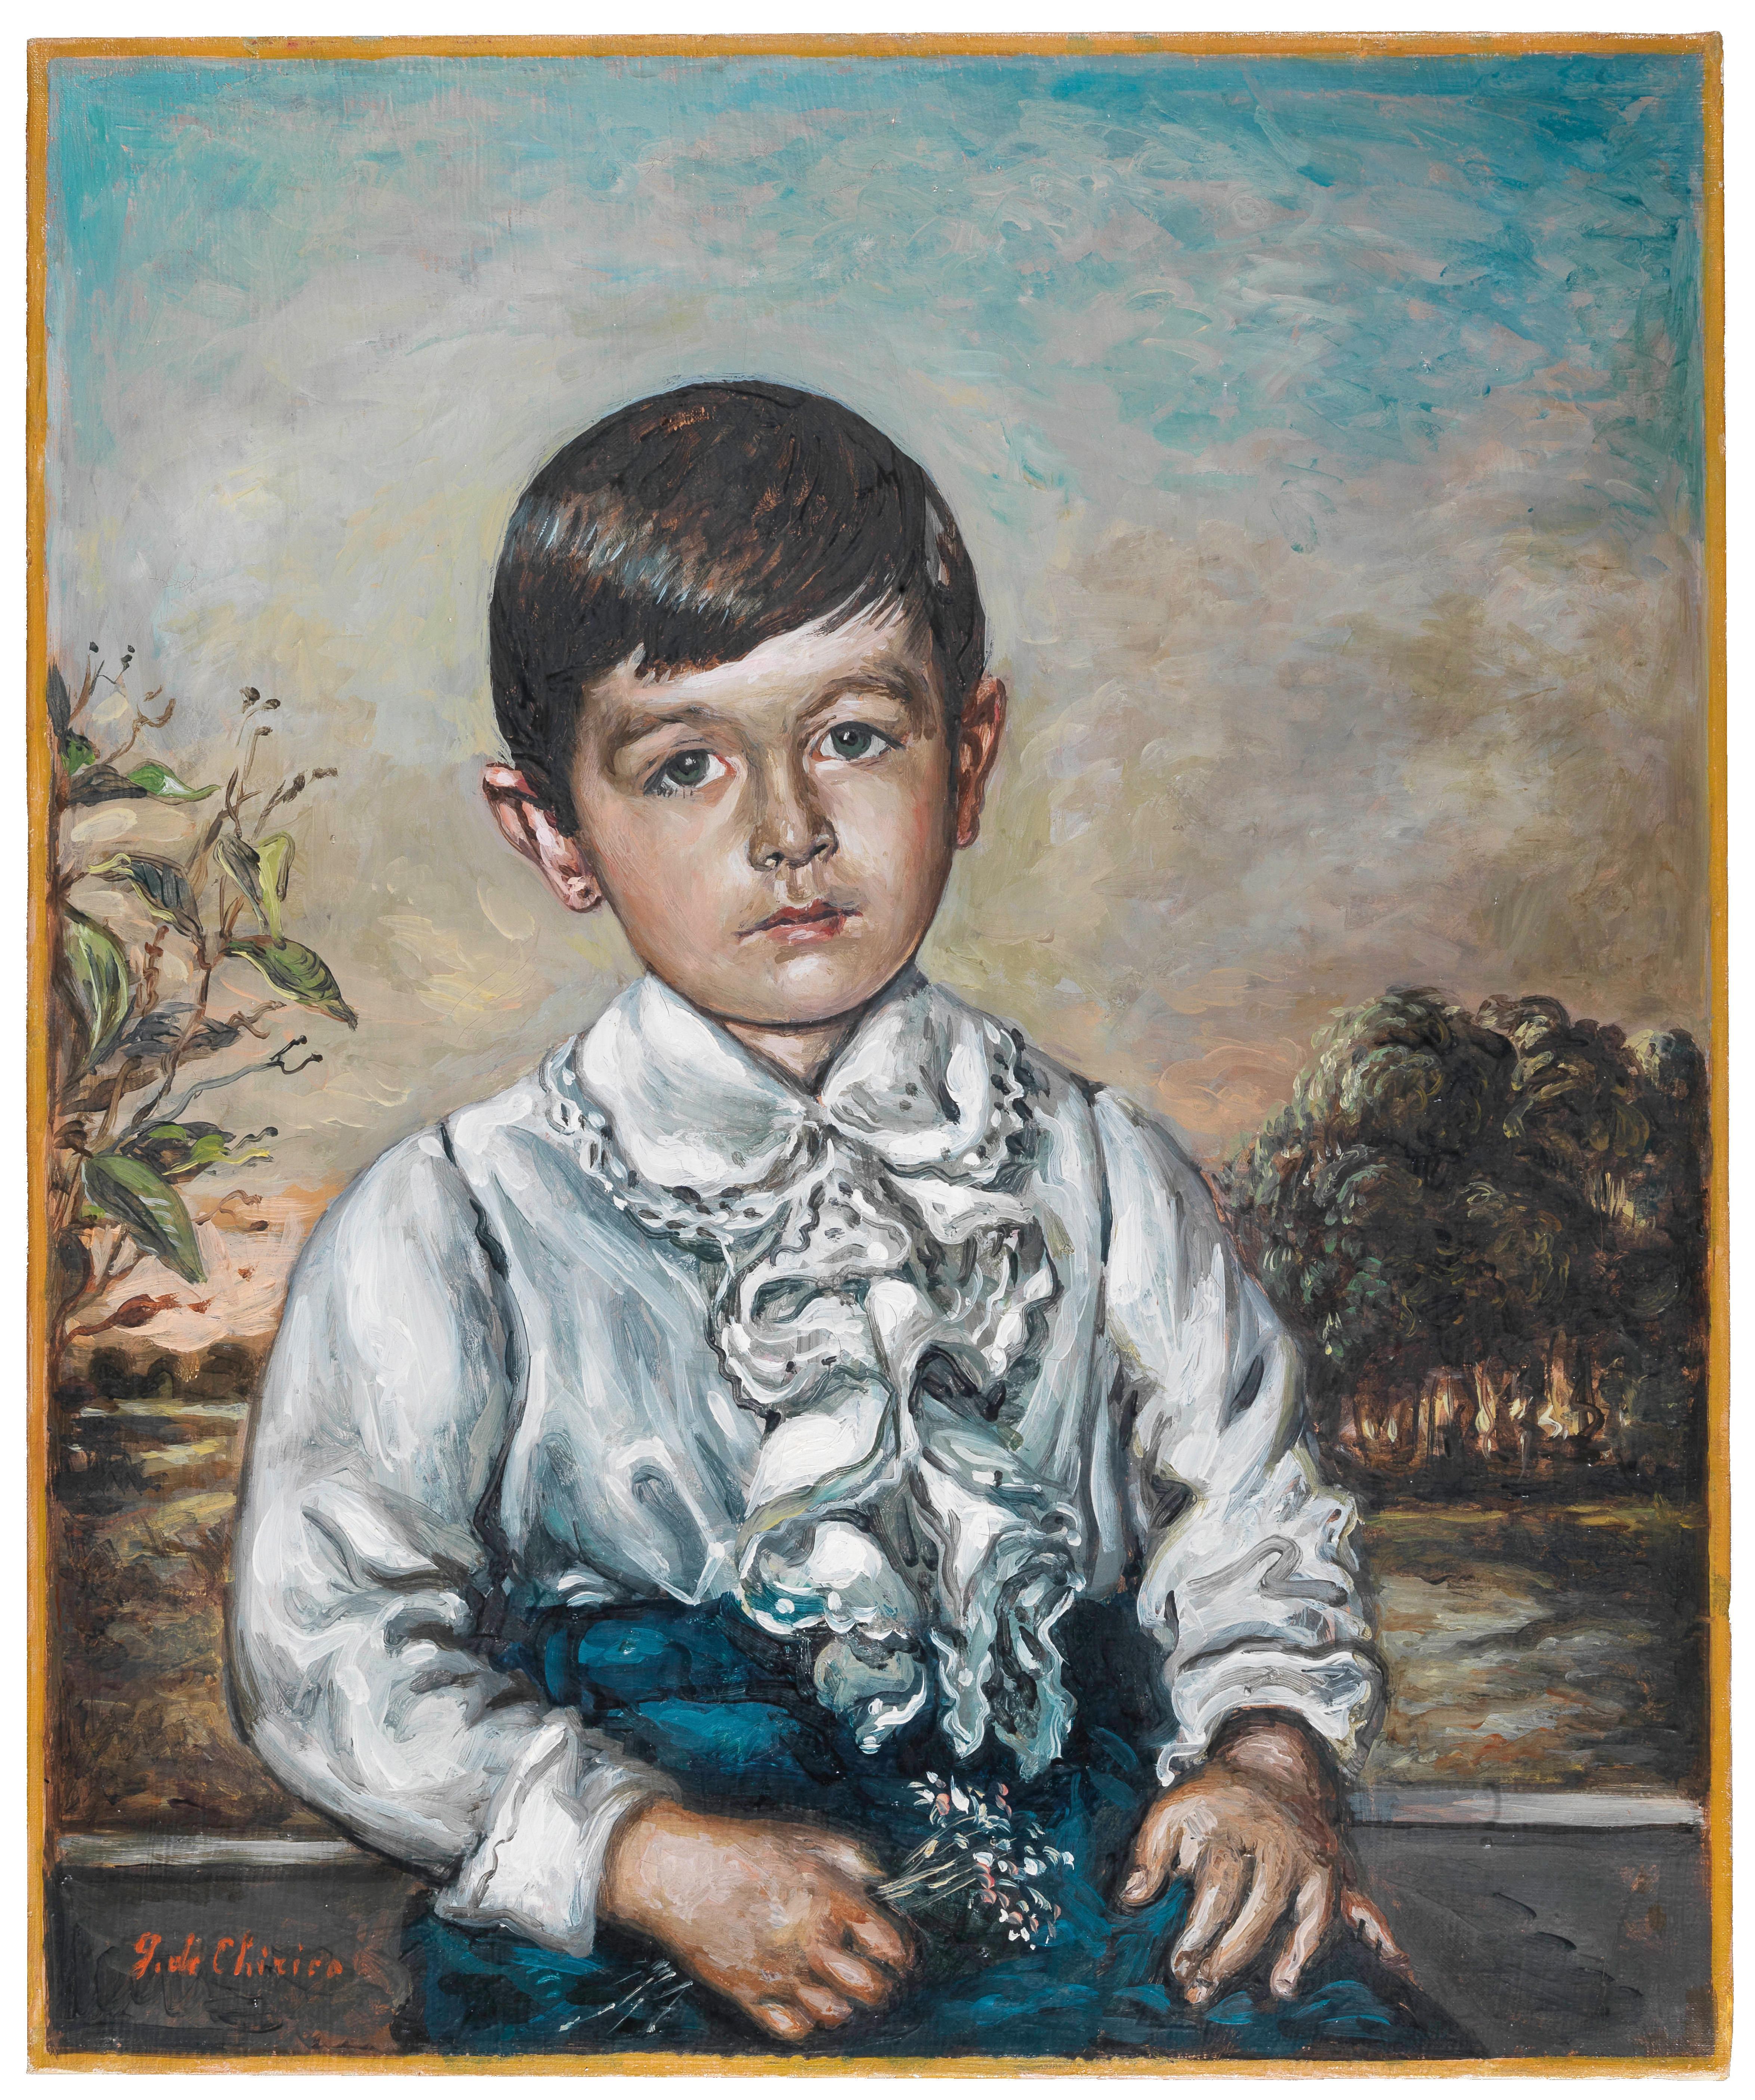 Giorgio de Chirico (Volos, Greece 1888–1978 Rome) Ritratto di fanciullo, 1955, oil on canvas, 60 x 50 cm